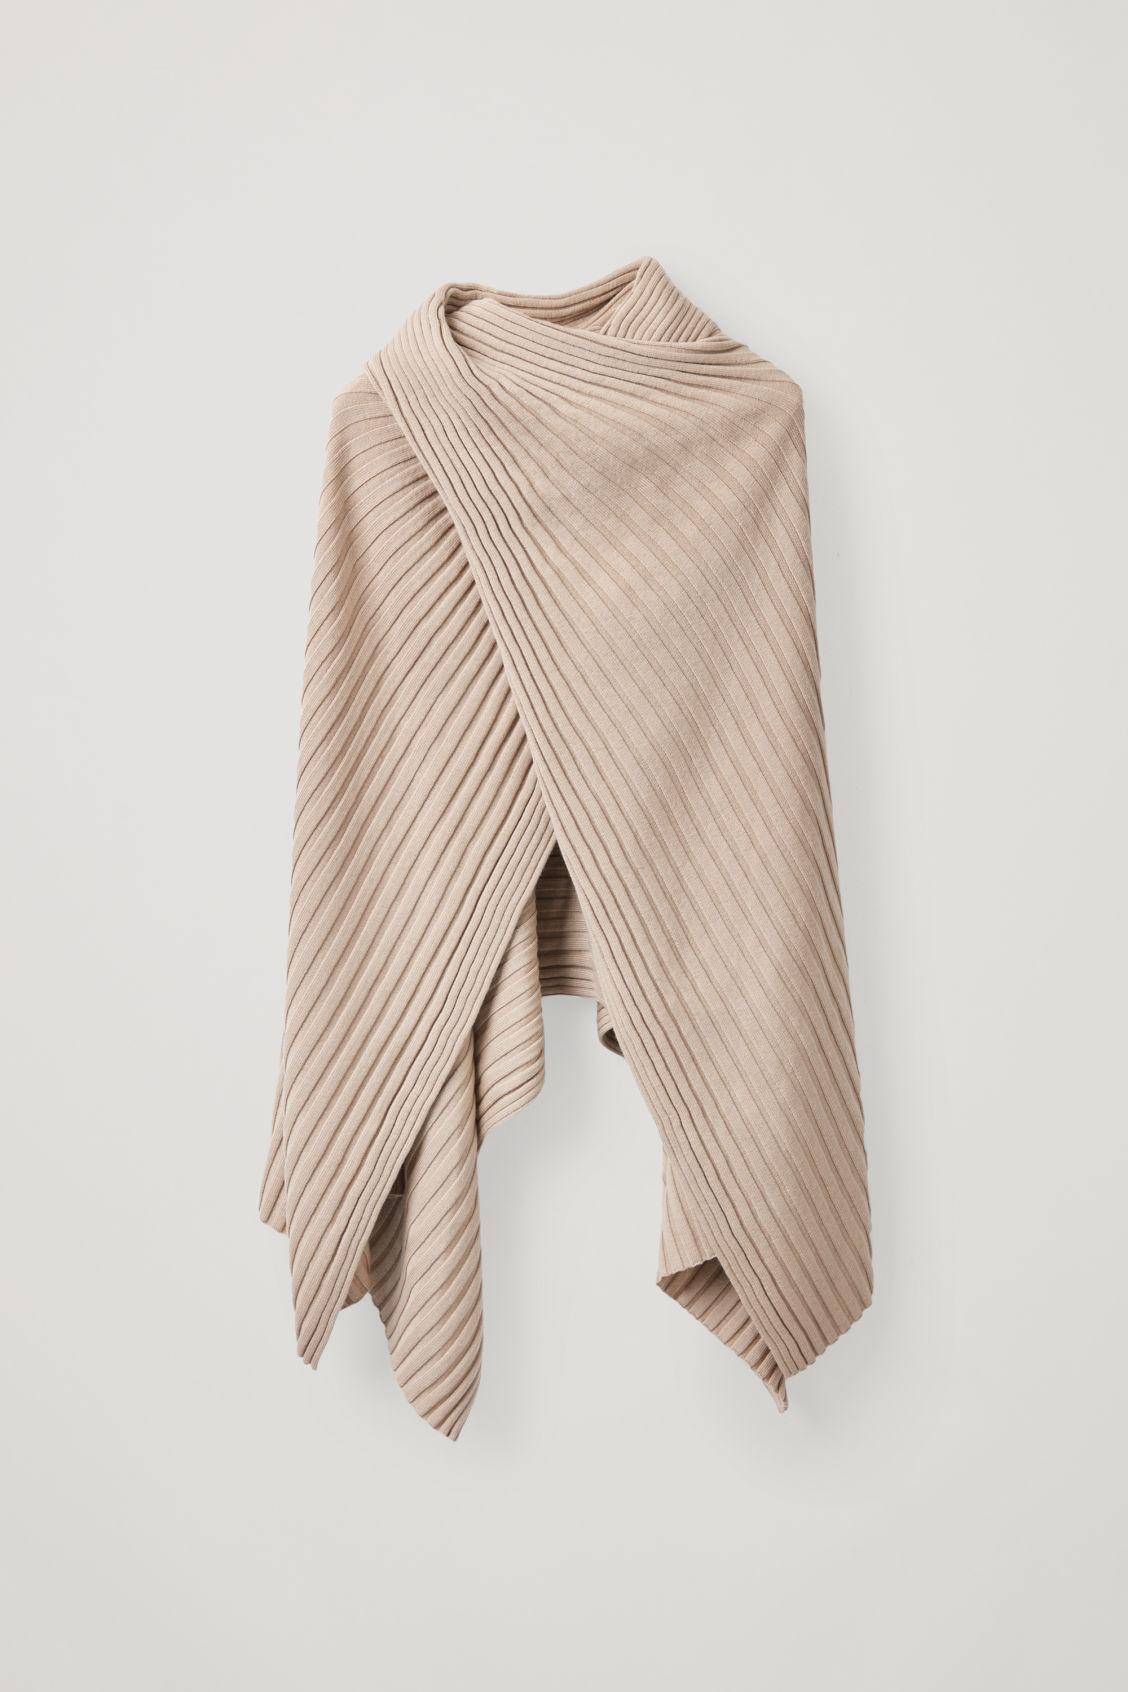 Cos Ribbed Wool Hybrid Scarf In Beige